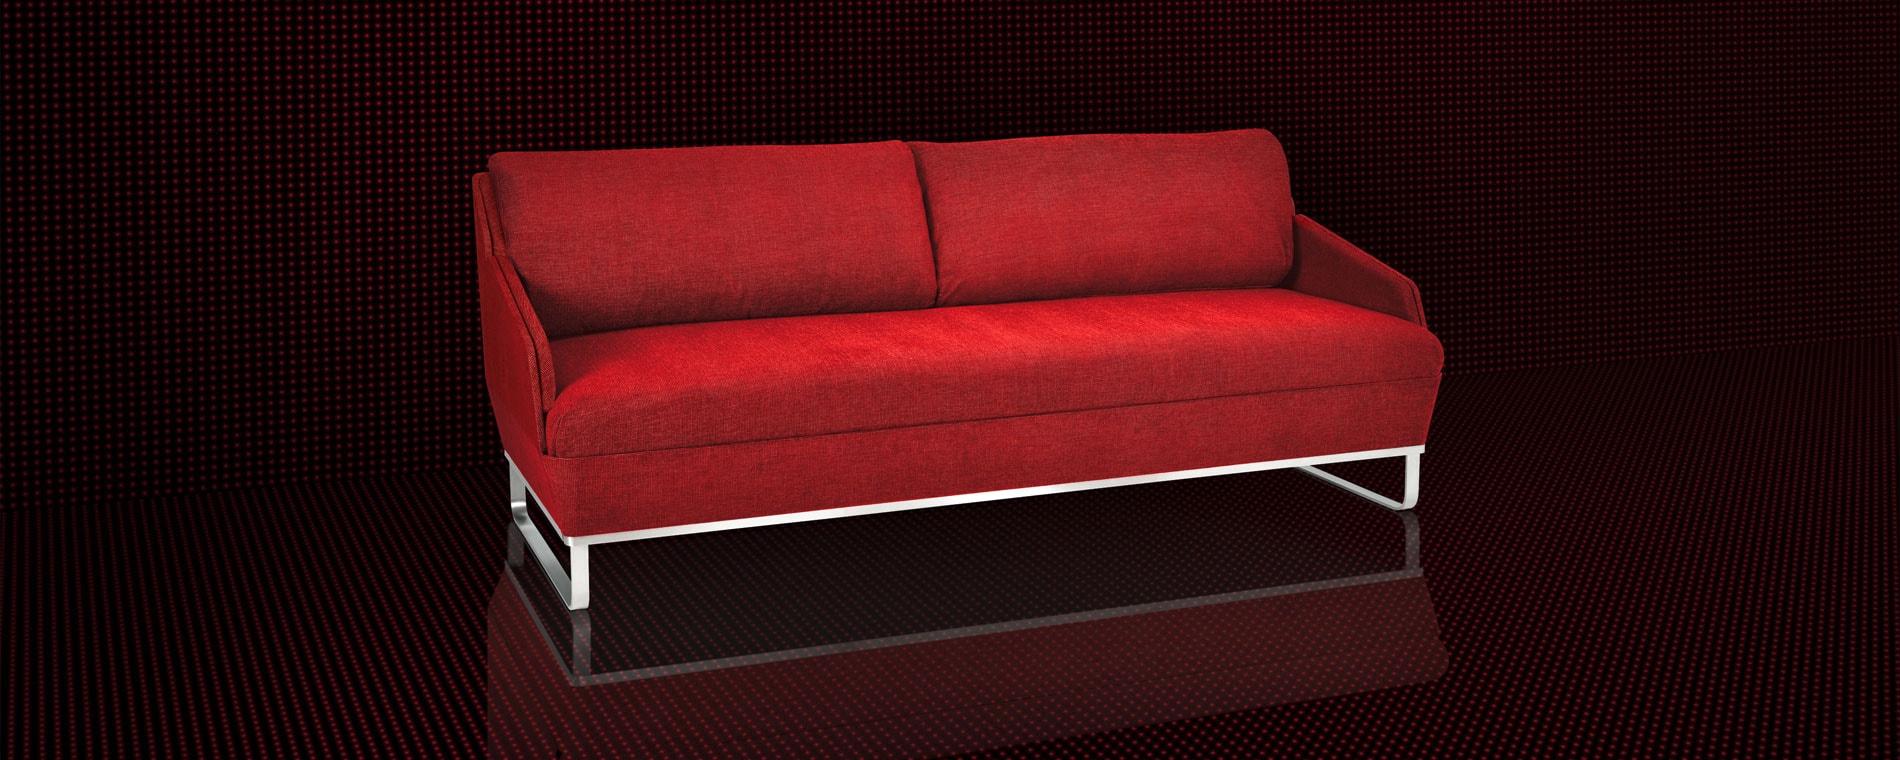 Das elegante Schlafsofa BED for LIVING Deluxe in rot auf schwarzem Hintergrund.